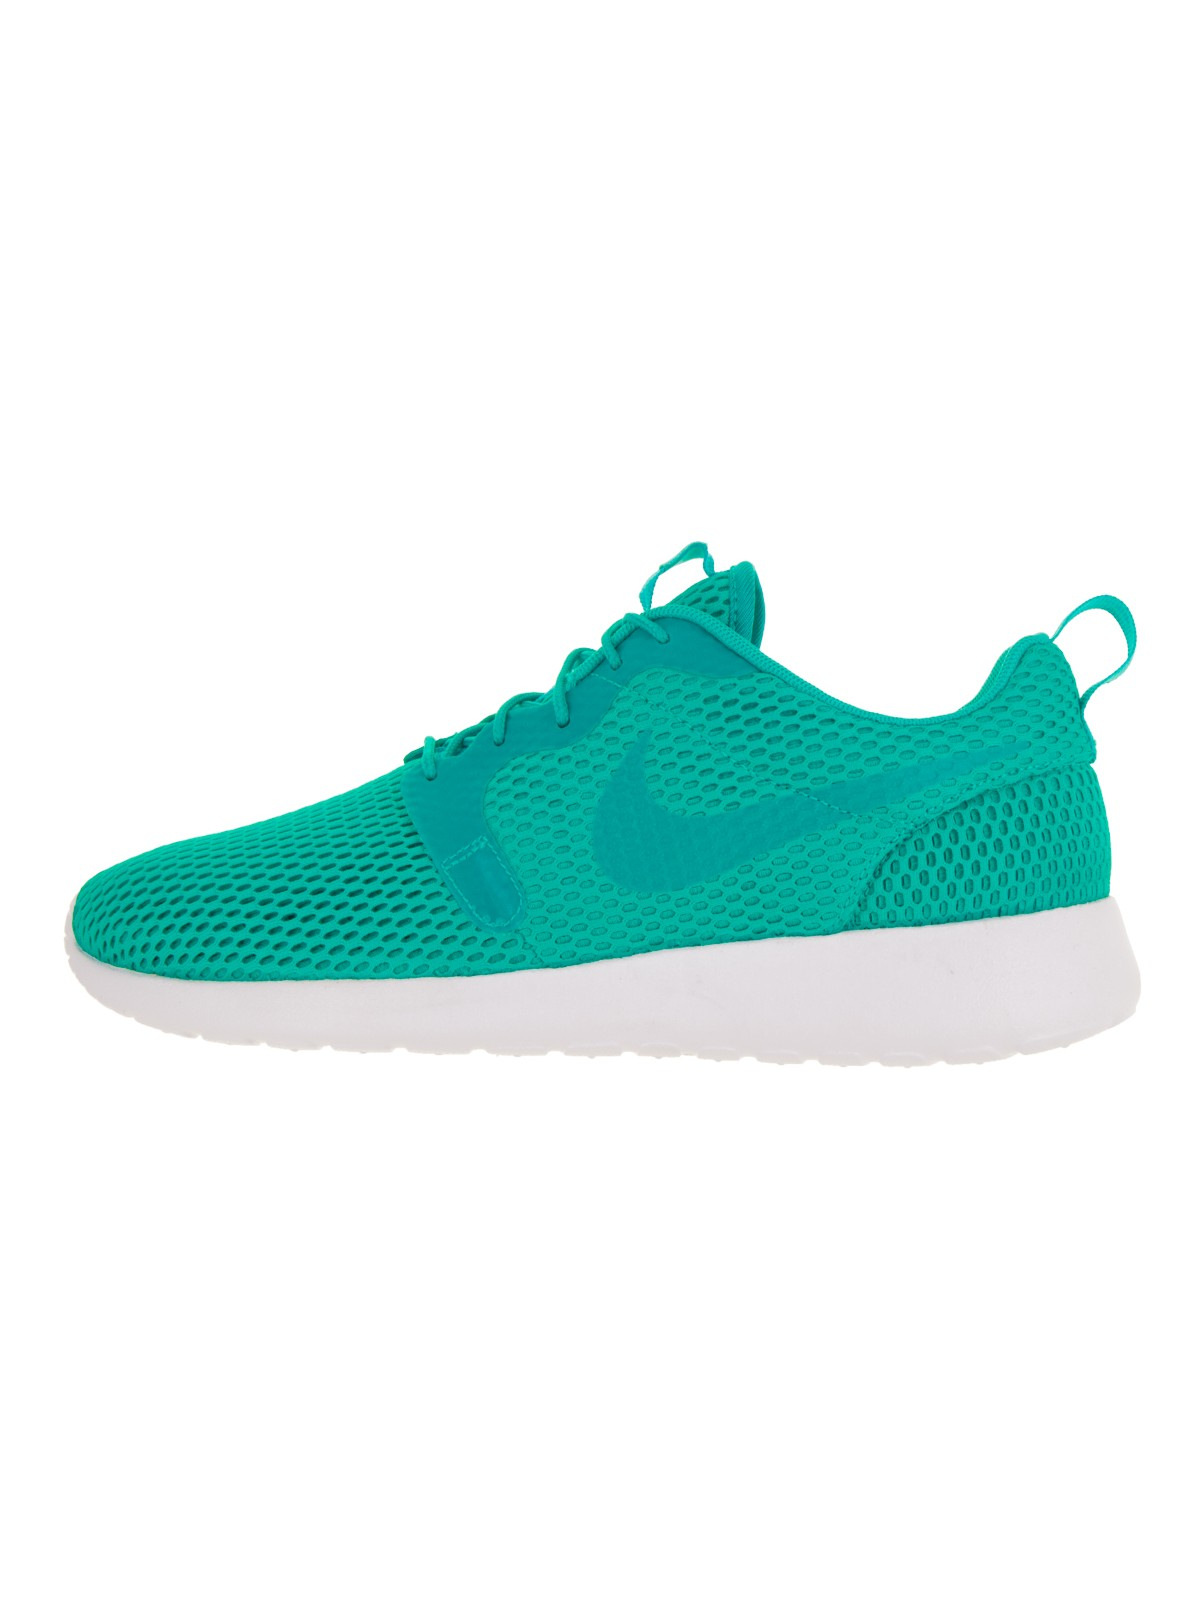 detailed look 5be03 102e1 Nike Men s Roshe One Hyp Br Running Shoe